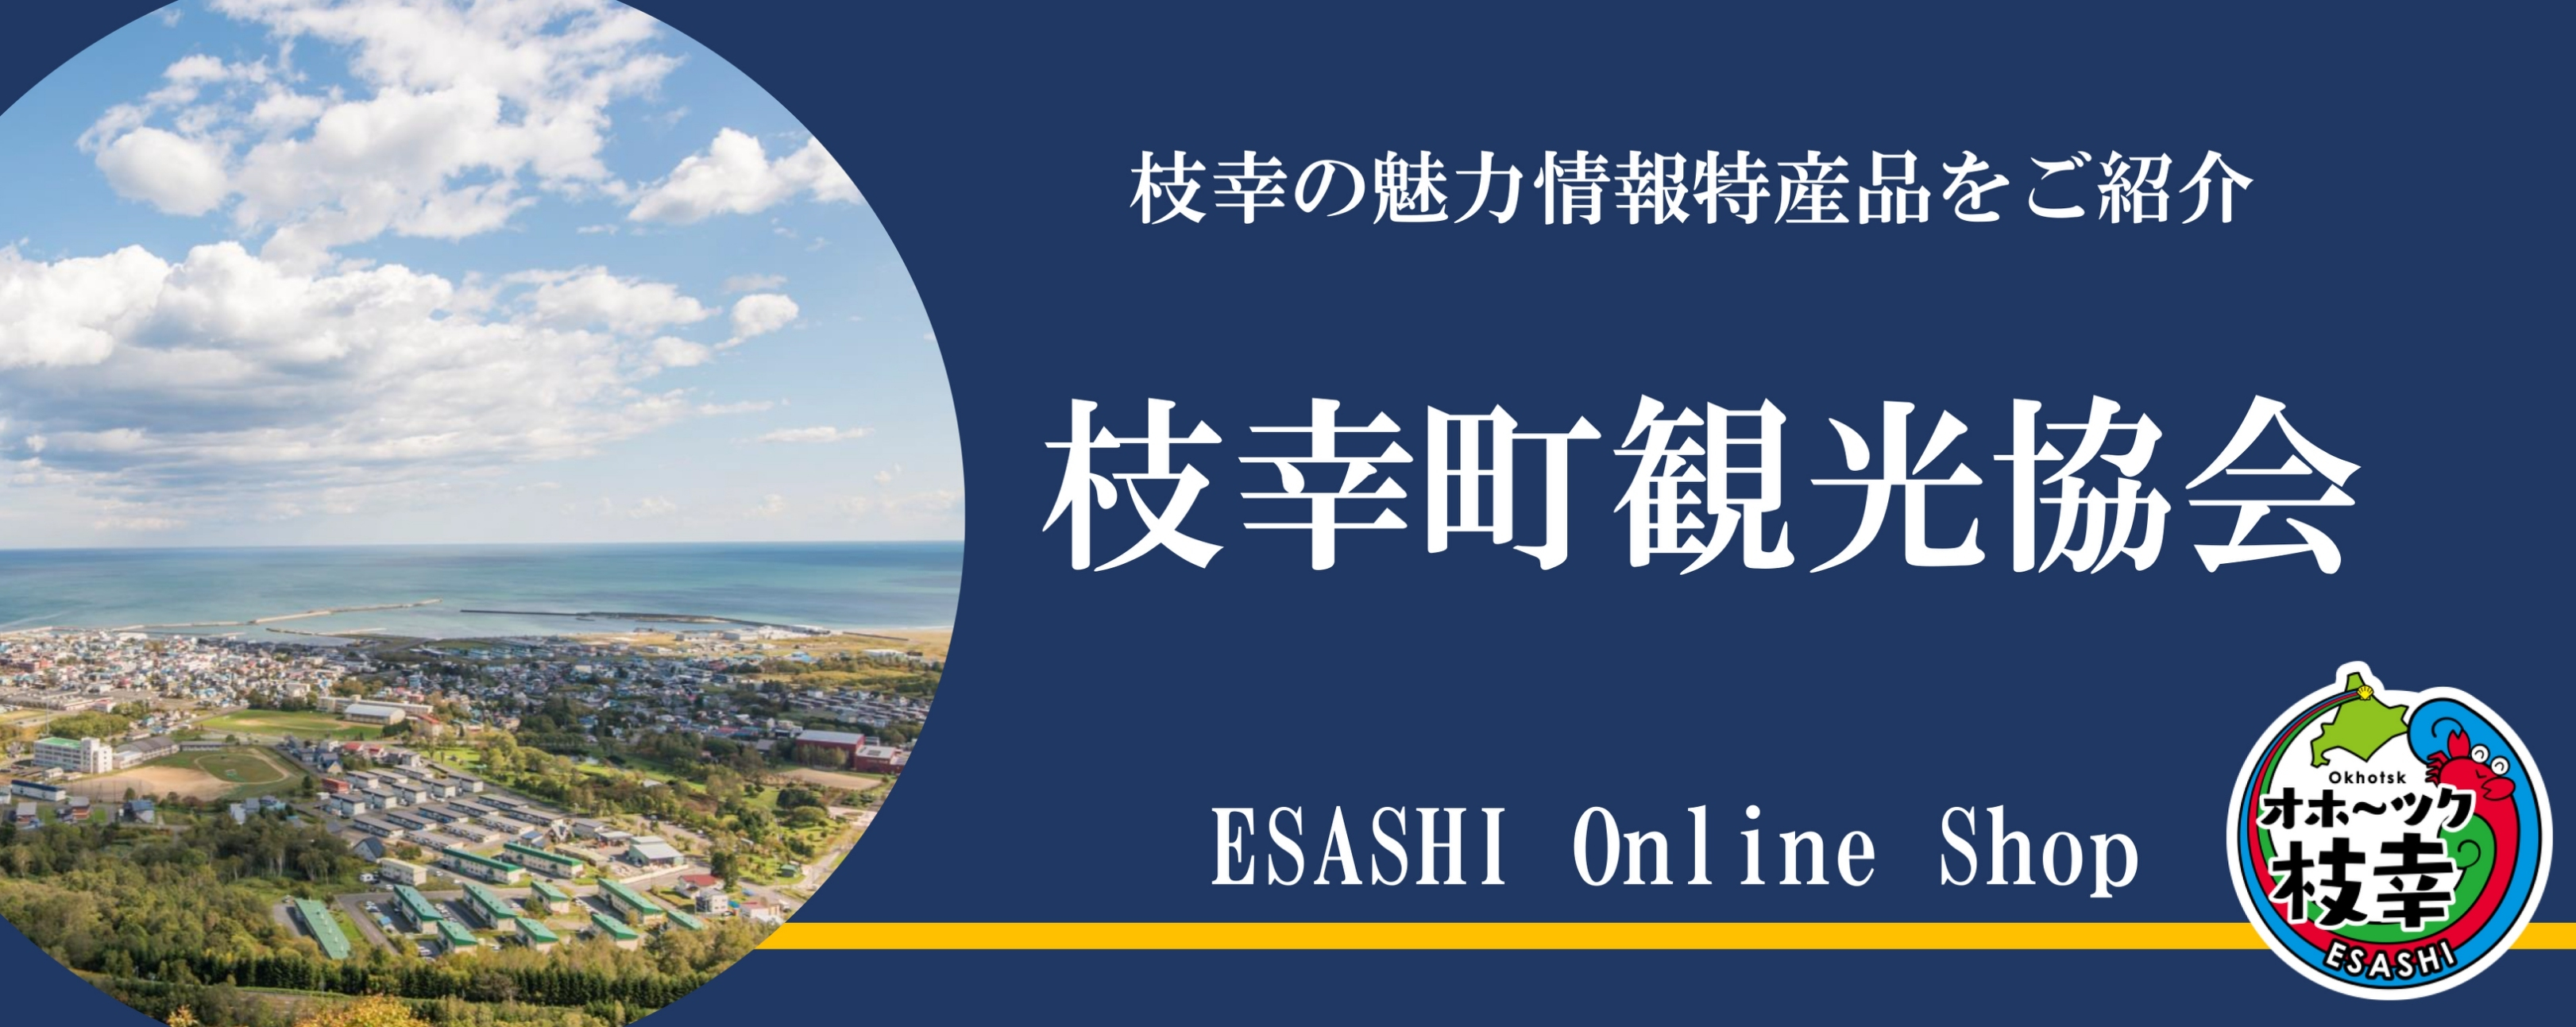 枝幸観光協会様バナー2